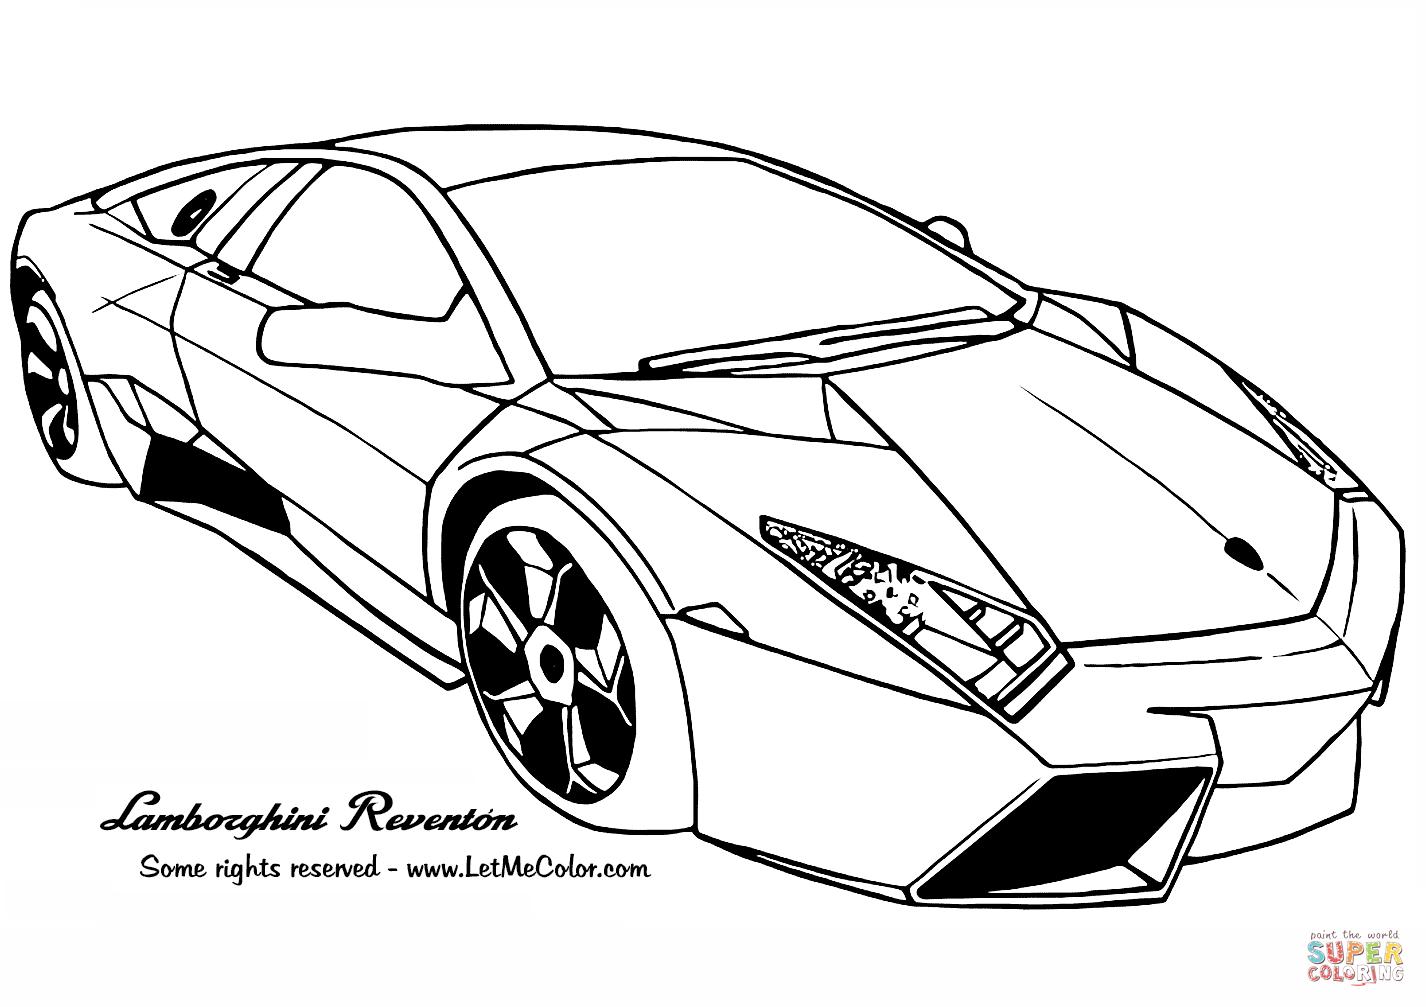 Ausmalbild: Lamborghini Reventon | Ausmalbilder Kostenlos über Malvorlagen Lamborghini